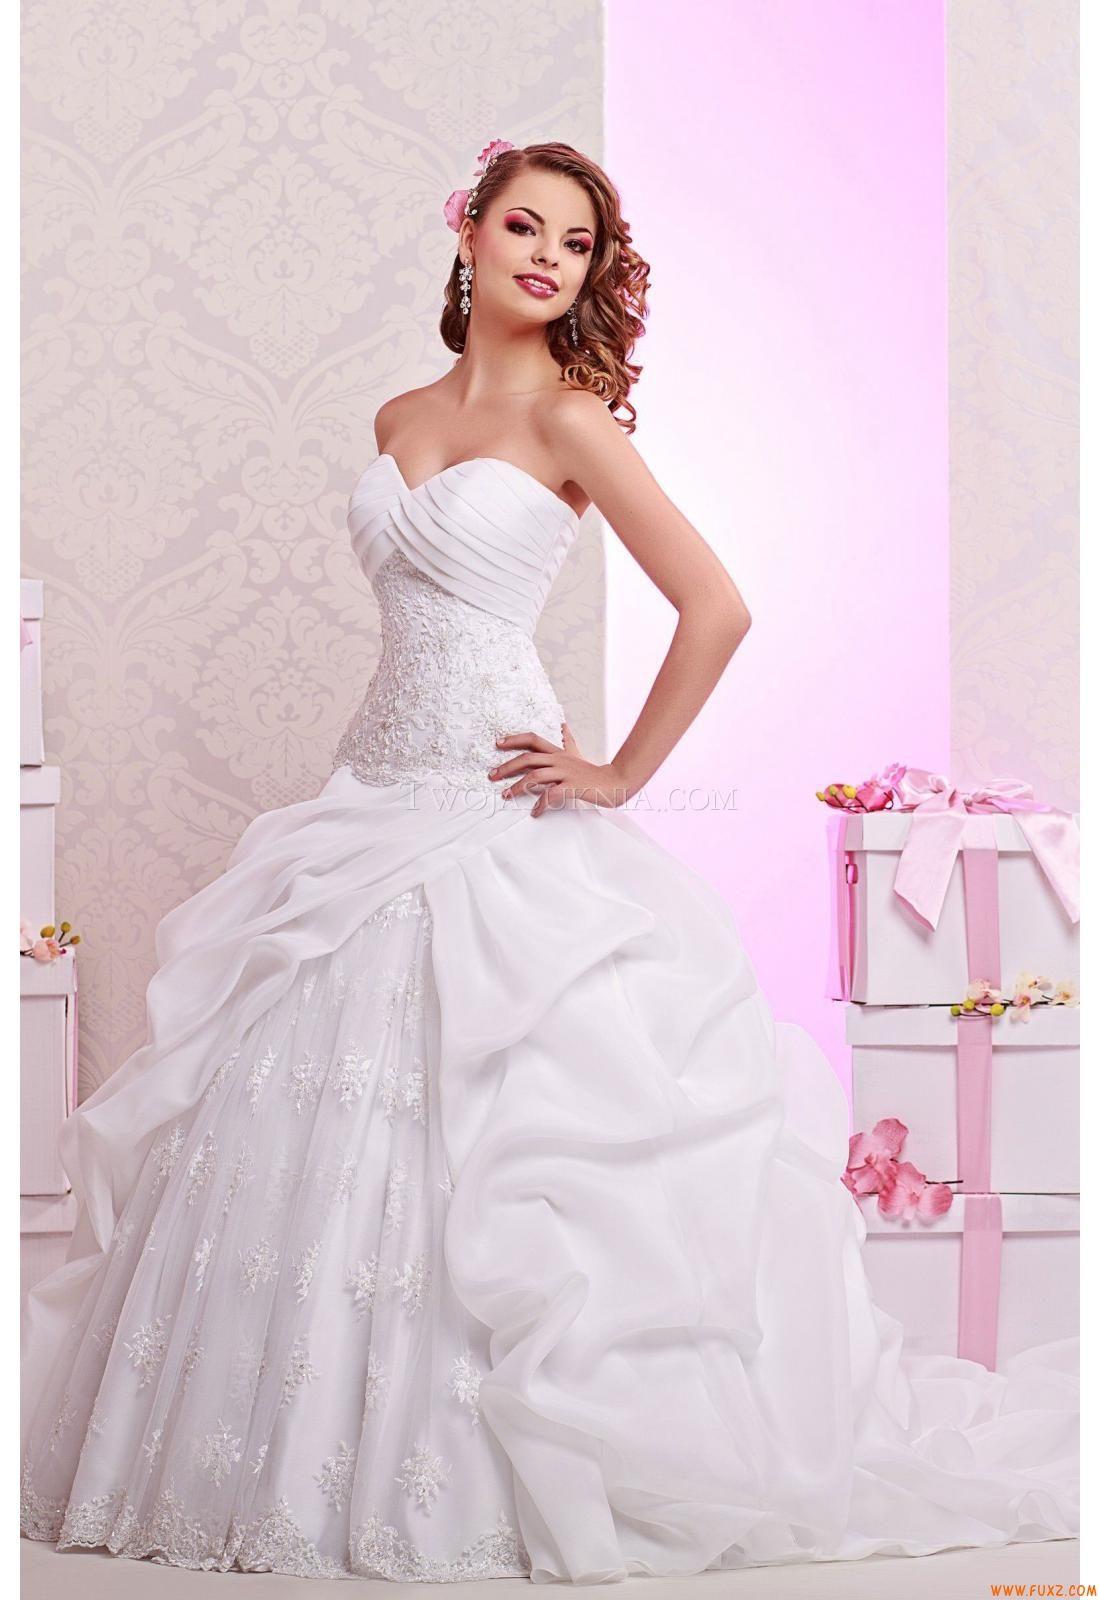 Ungewöhnlich Moosige Eiche Camo Hochzeitskleid Fotos - Brautkleider ...